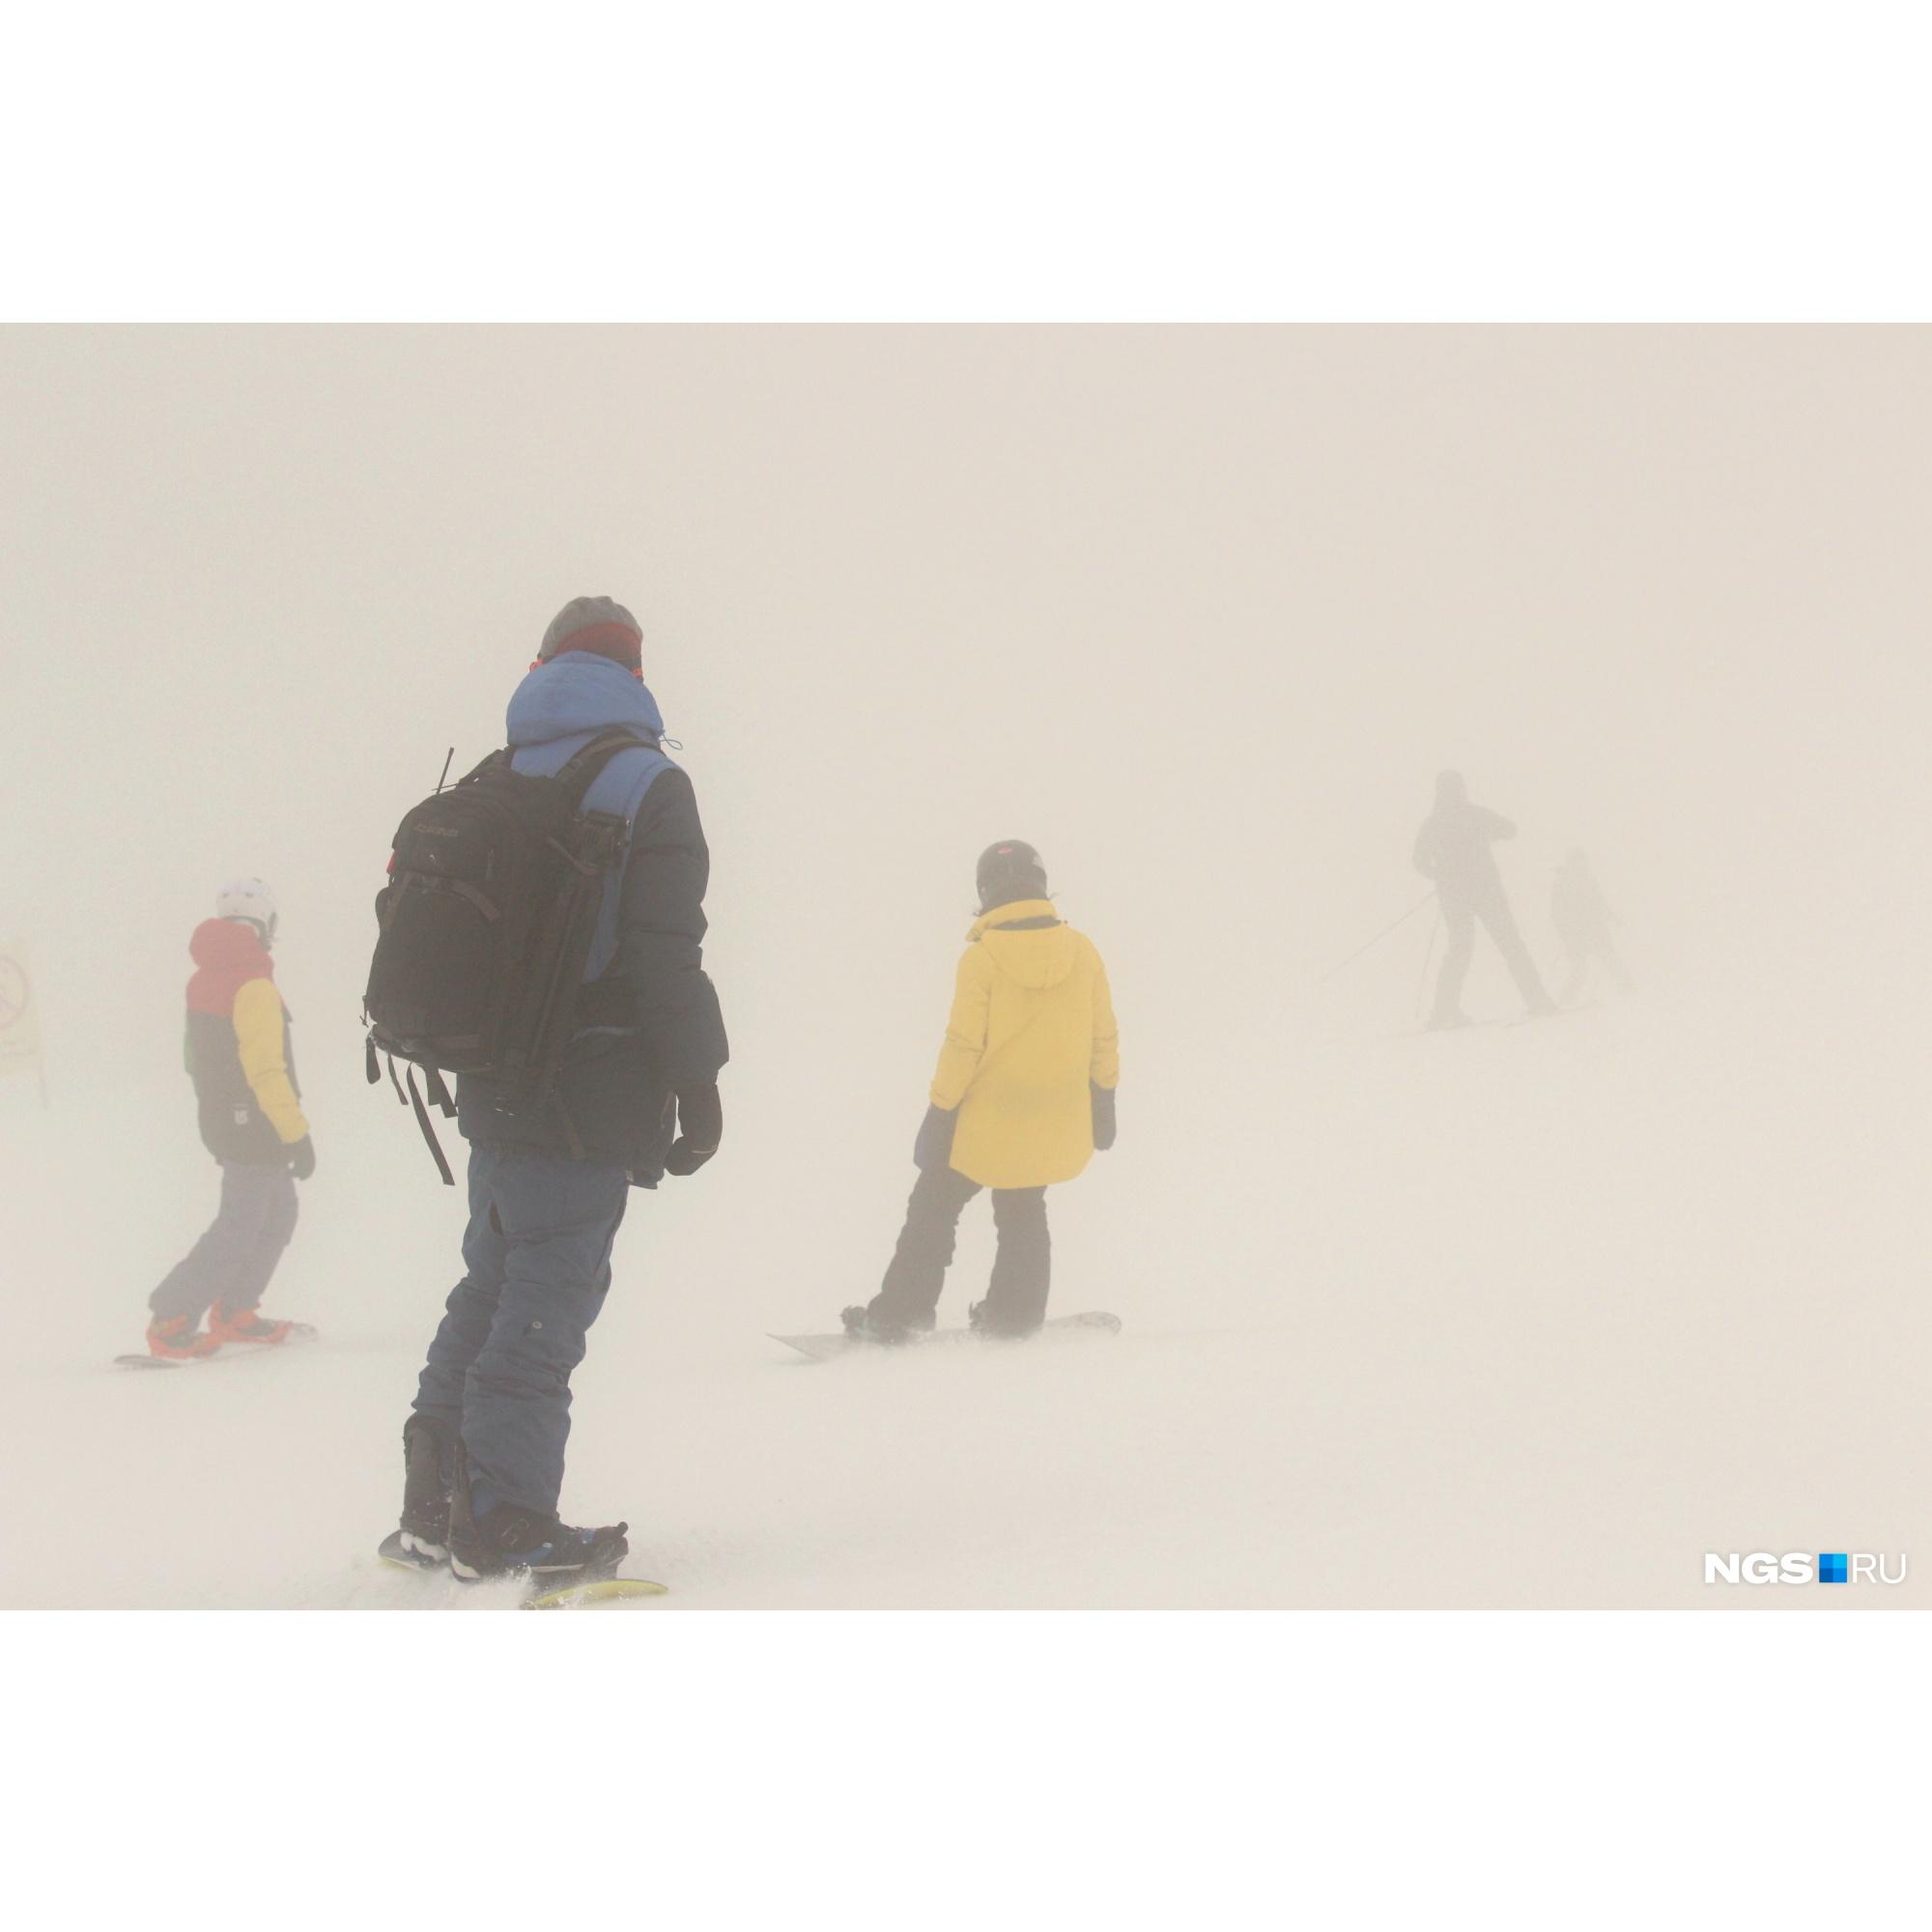 Спуск с самой верхней площадки в таких погодных условиях может превратиться в довольно экстремальное развлечение